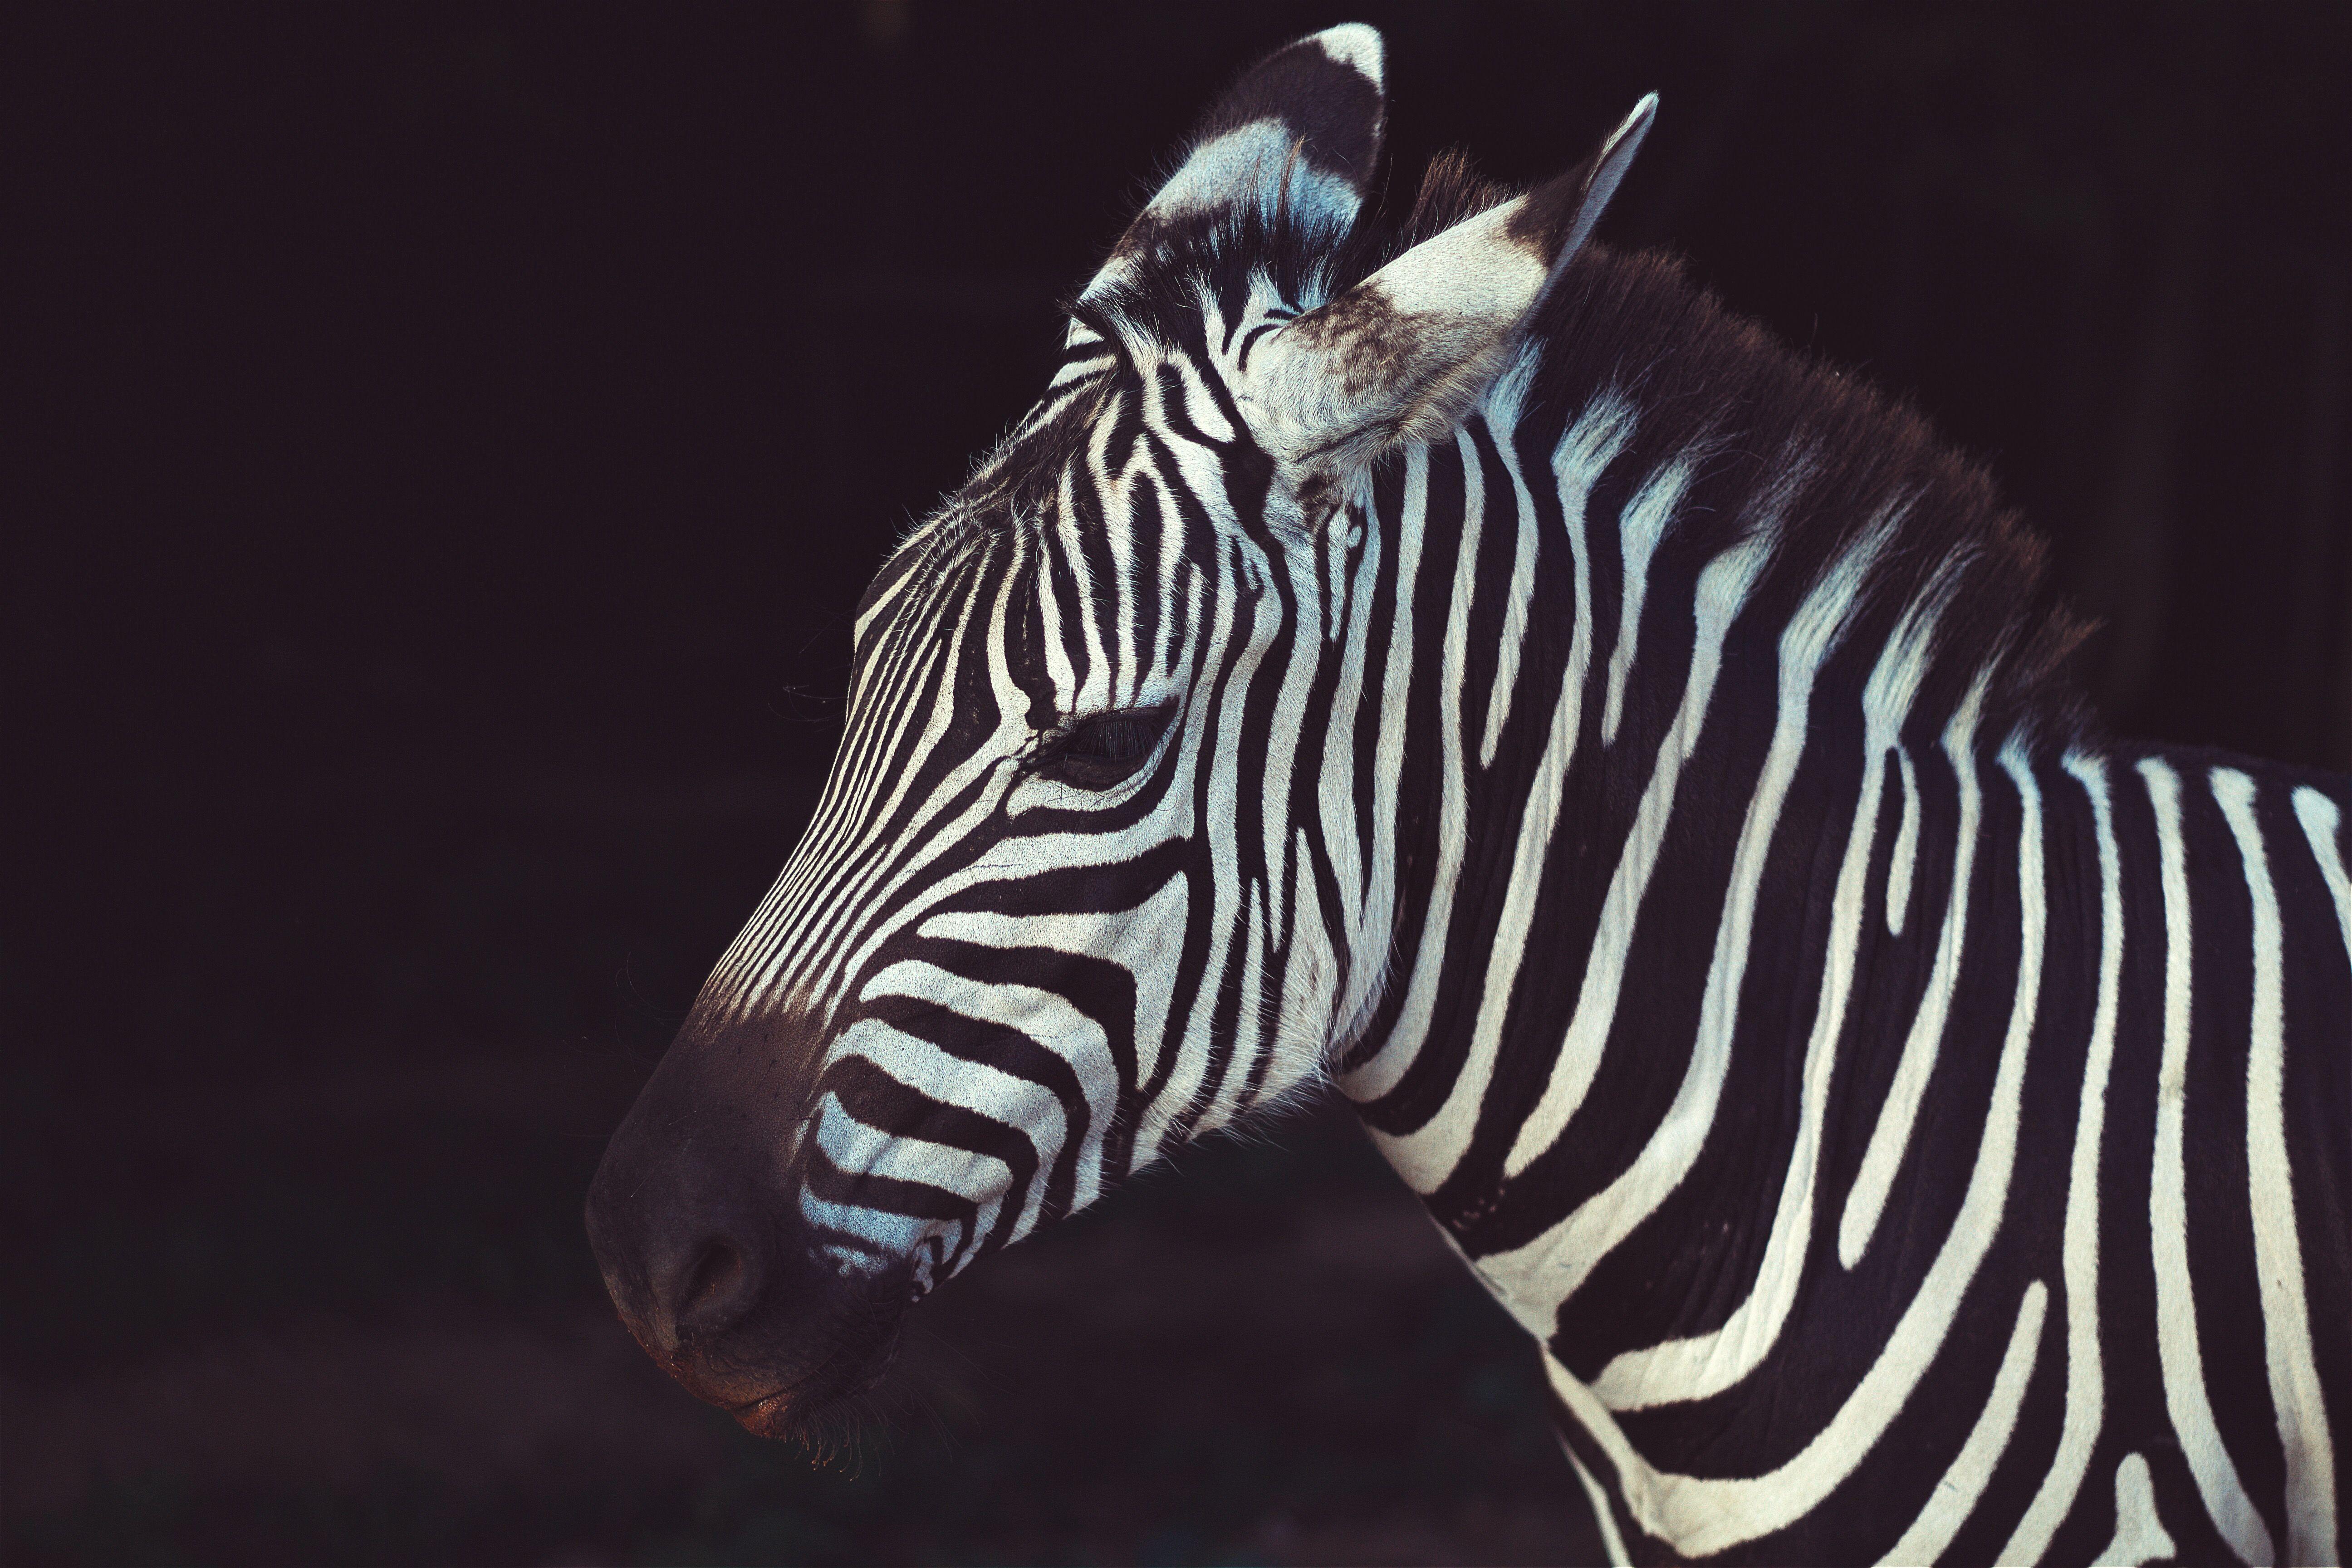 zebra #background #black #animal #infinityanimal zebra in